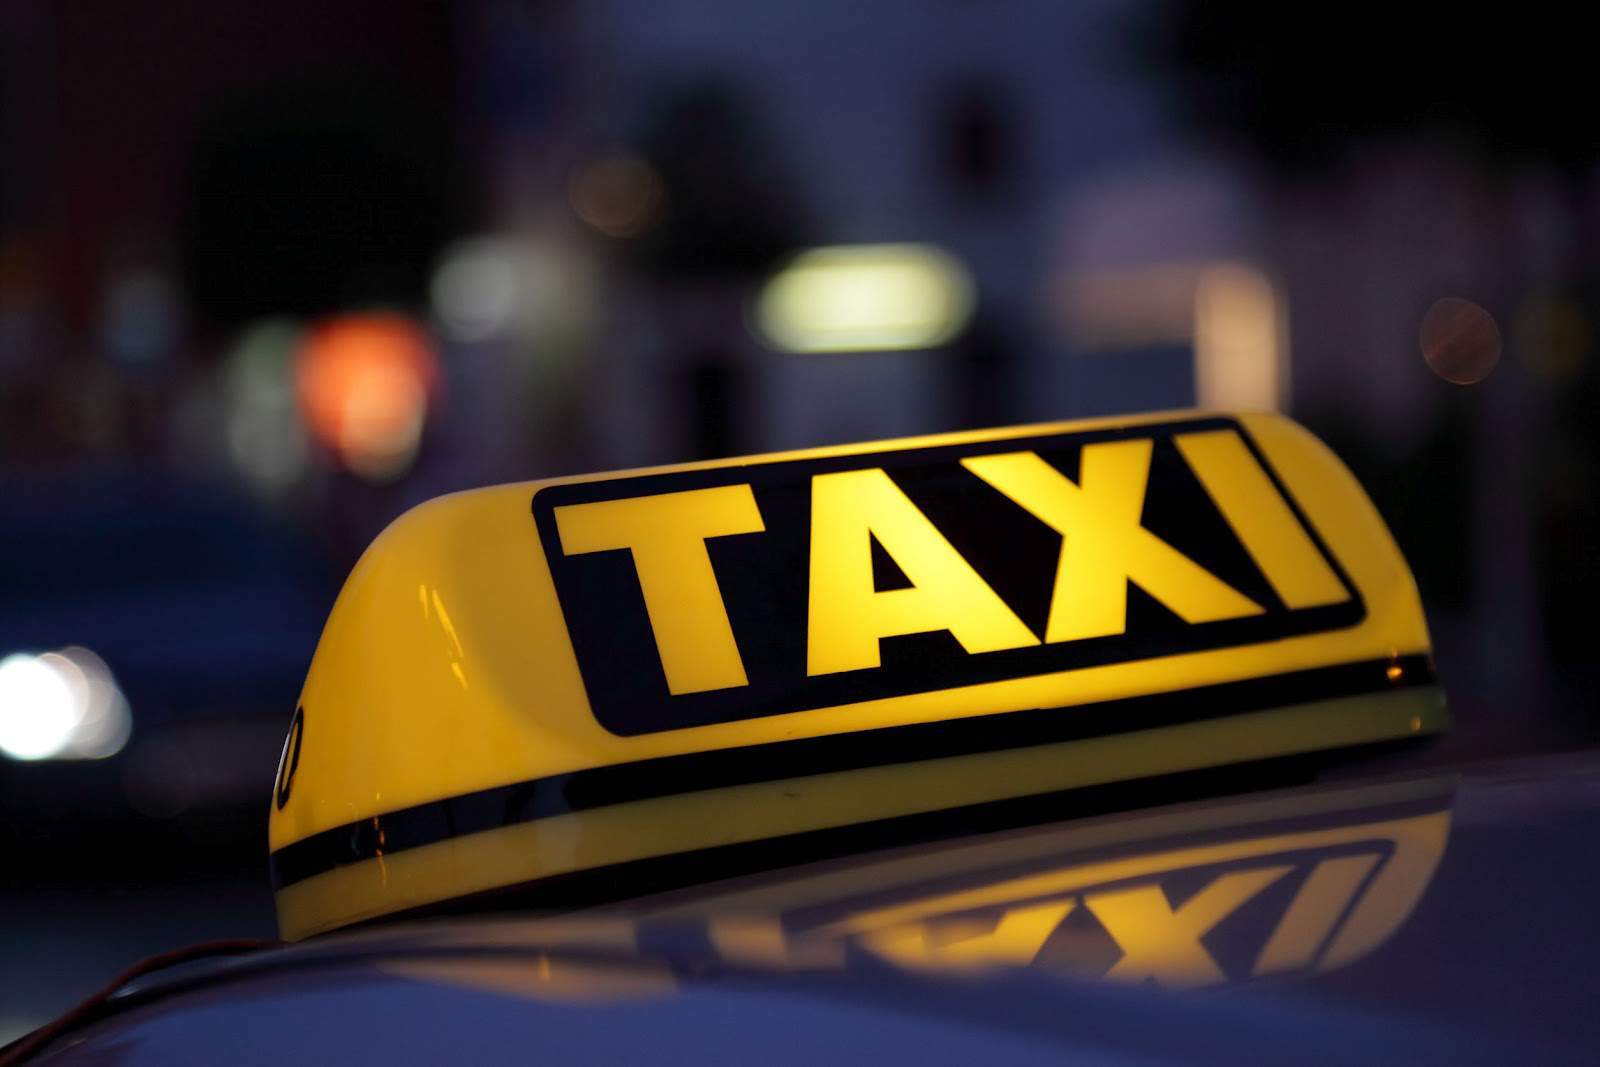 Нічні розбірки в Ужгороді: конфлікт між таксистом та молодиком закінчився бійкою